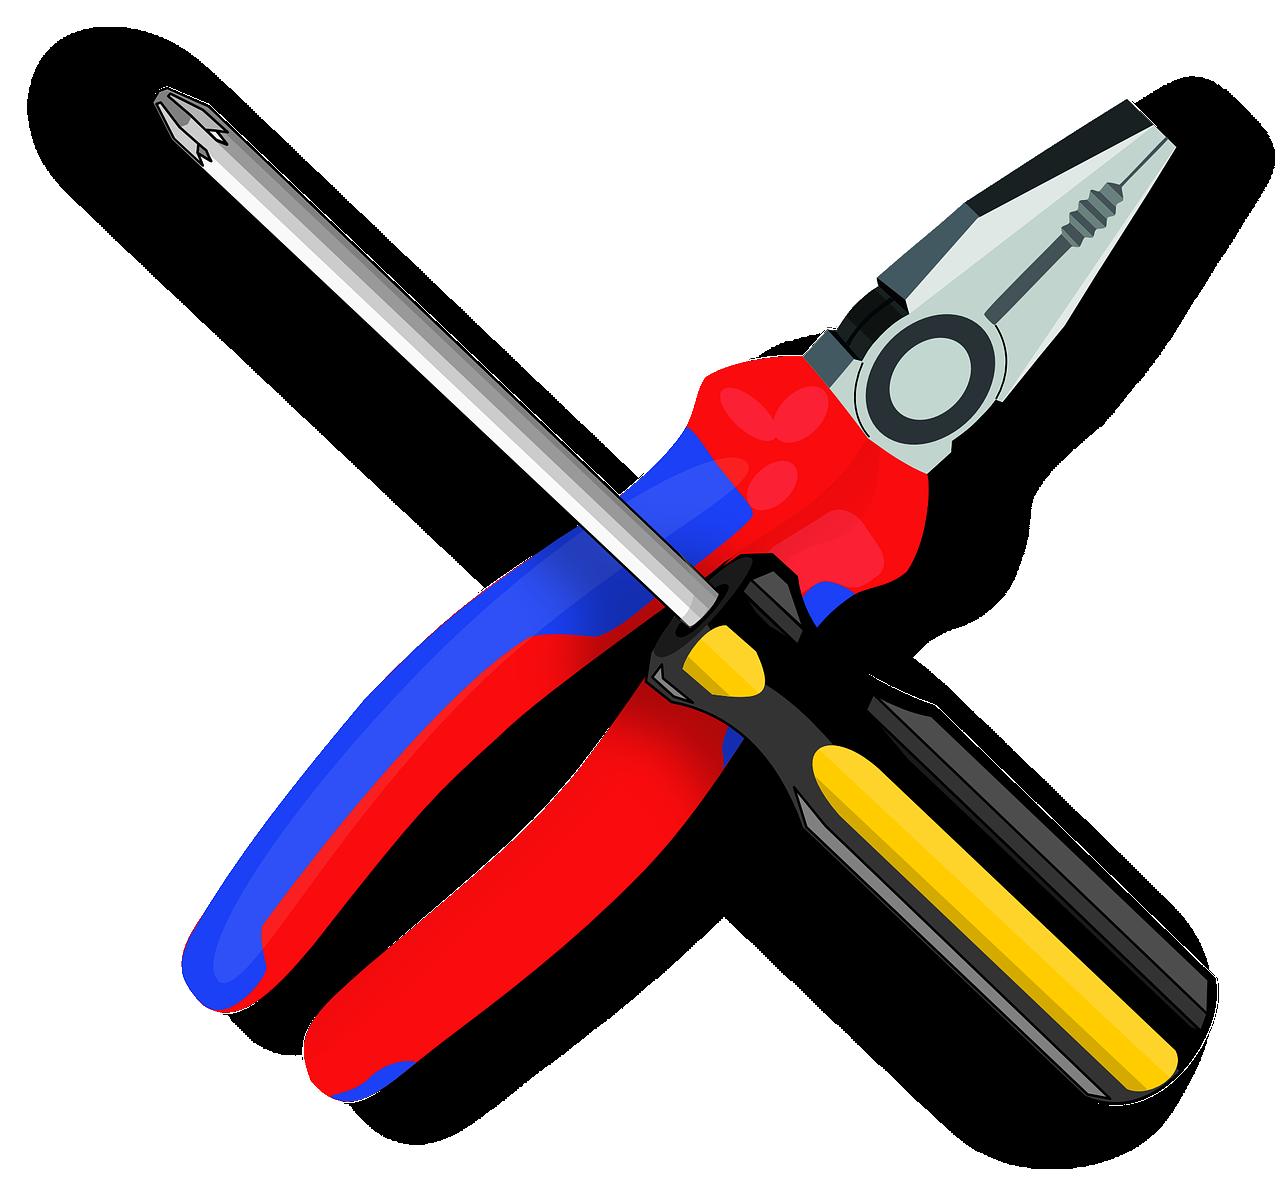 Szervíz. OpenClipart-Vectors képe a Pixabay-en.